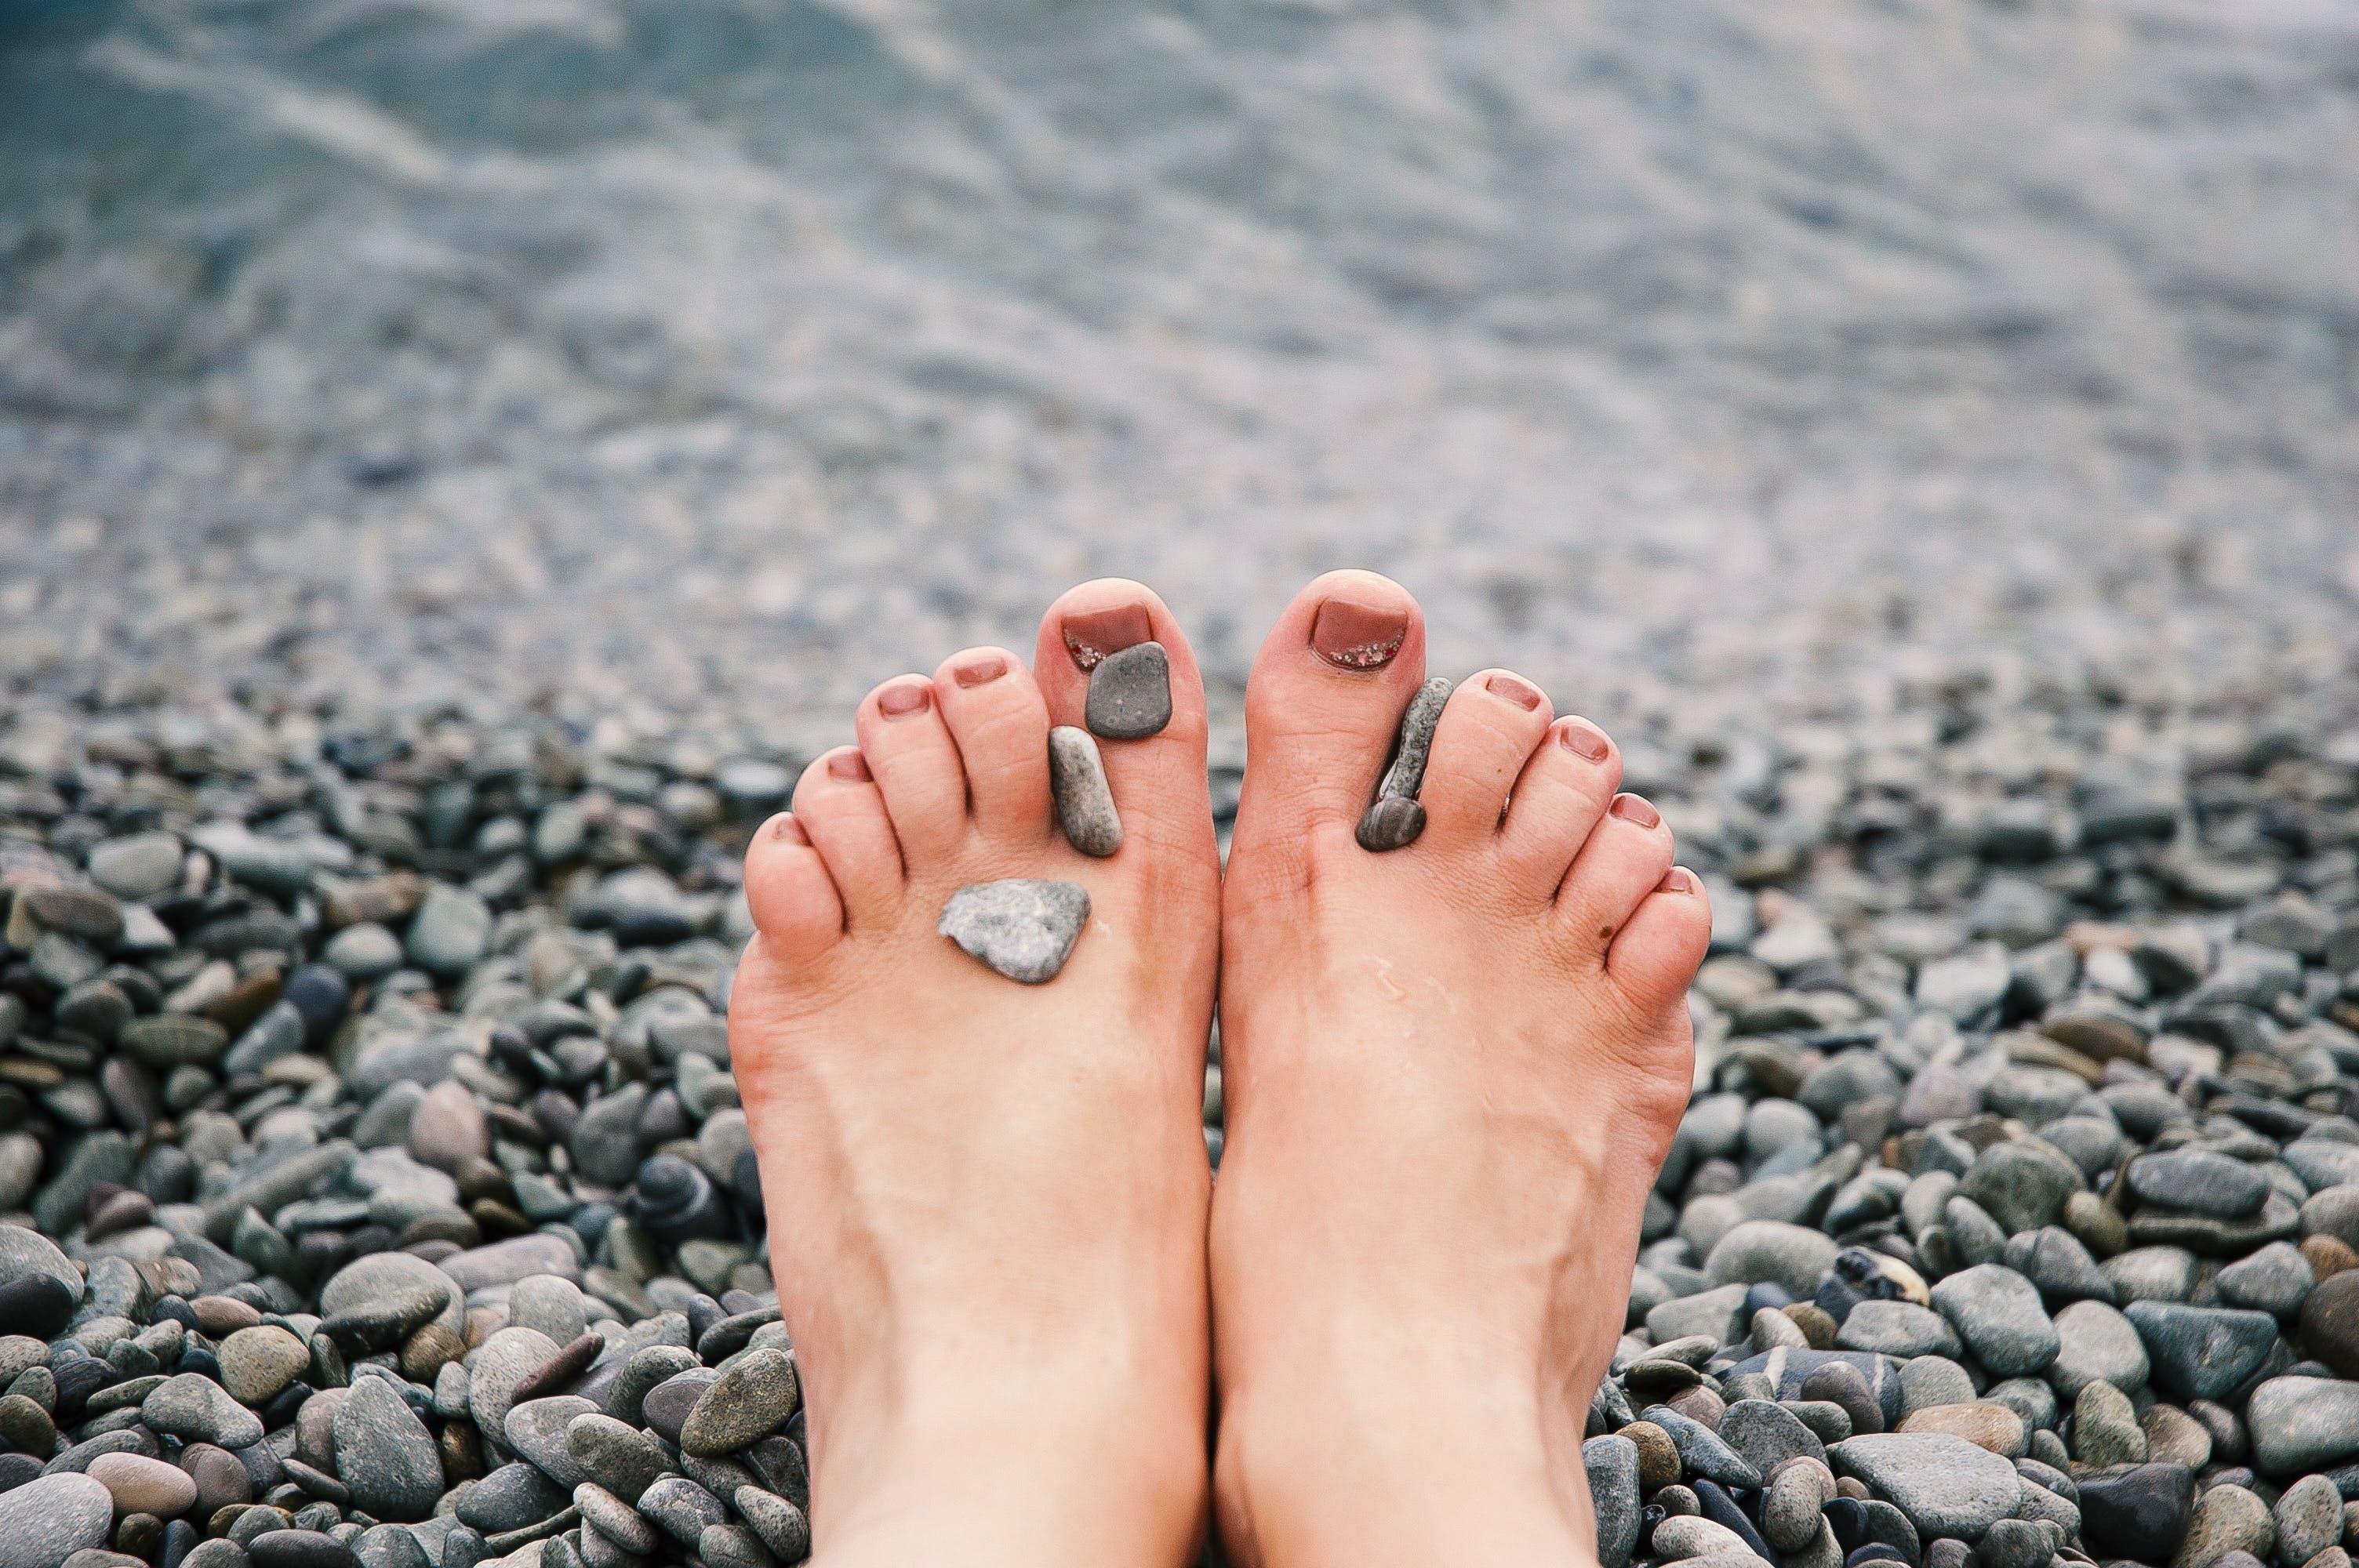 Stones on Woman's Feet